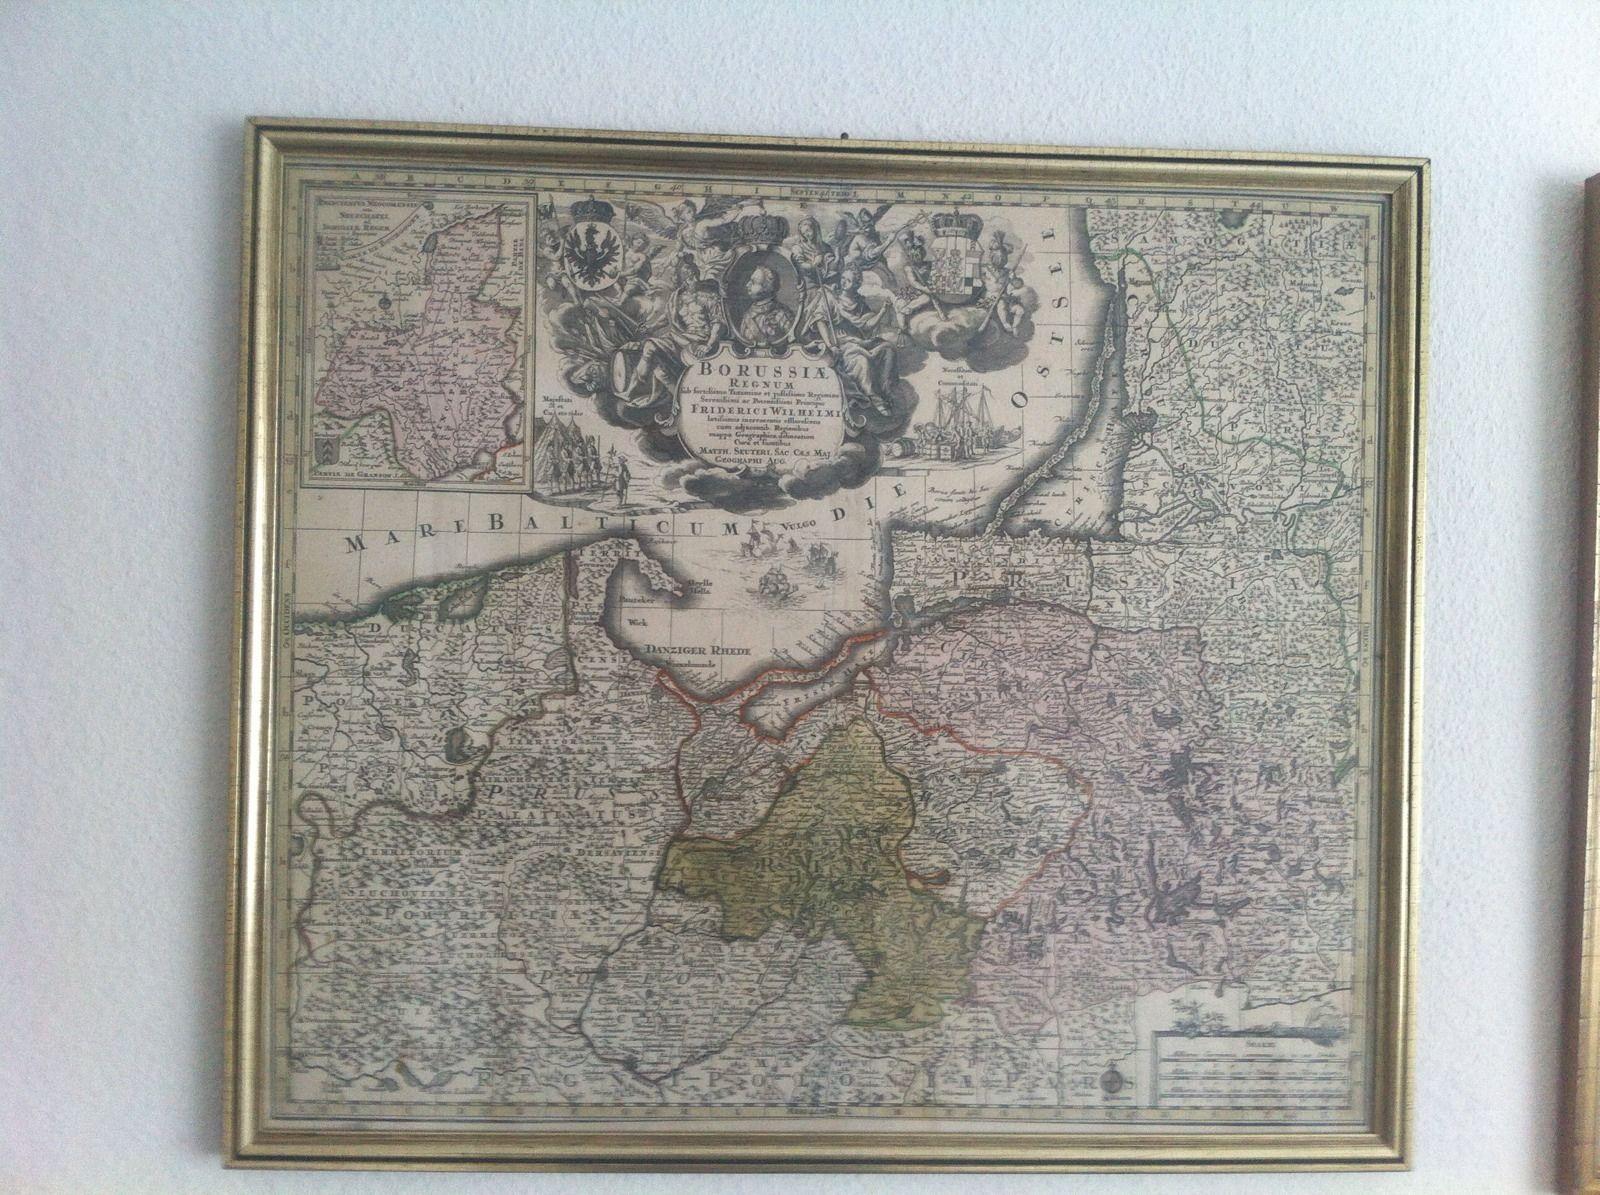 Karte Ostpreußen.Matthäus Seutter Historische Karte Von Ostpreussen Und Westp